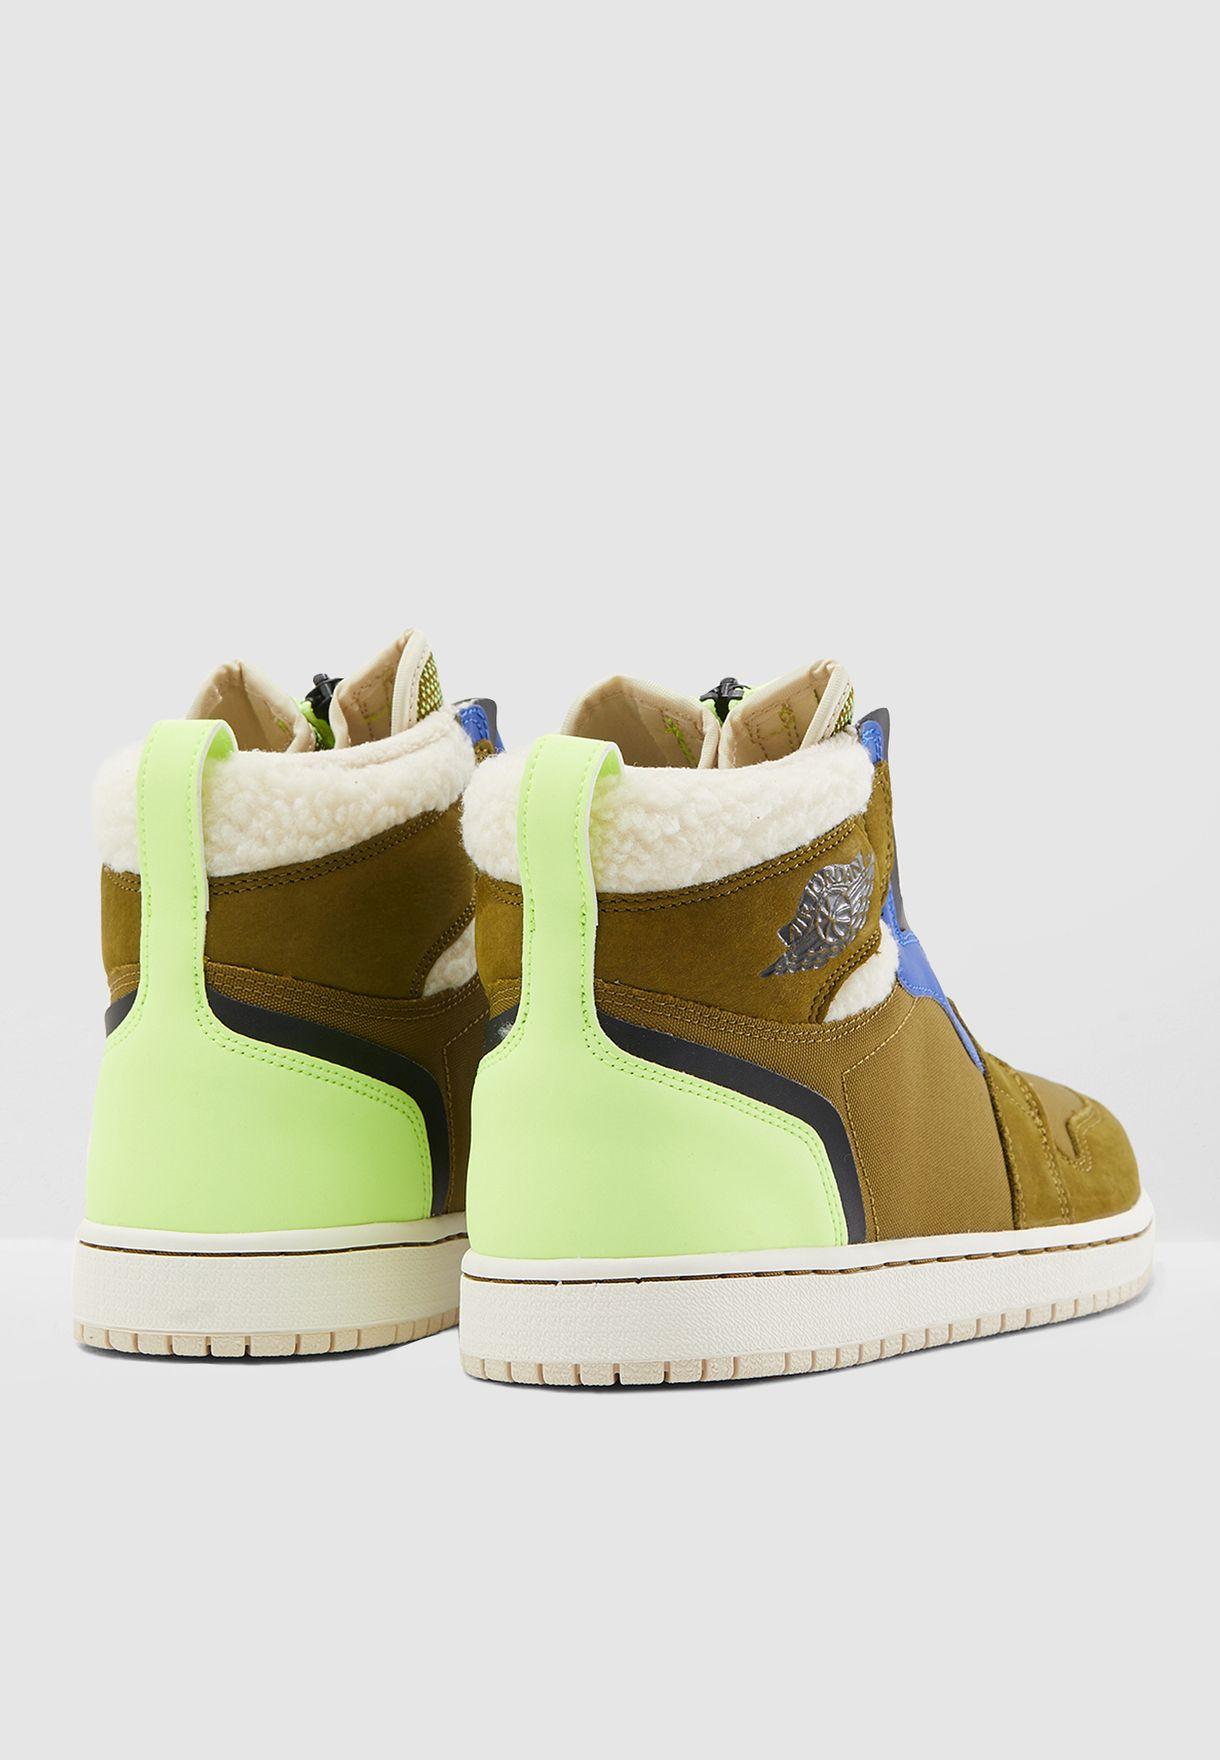 Shop Nike green Air Jordan 1 High Zip Up AV3723-300 for Women in ... 21e8831d8